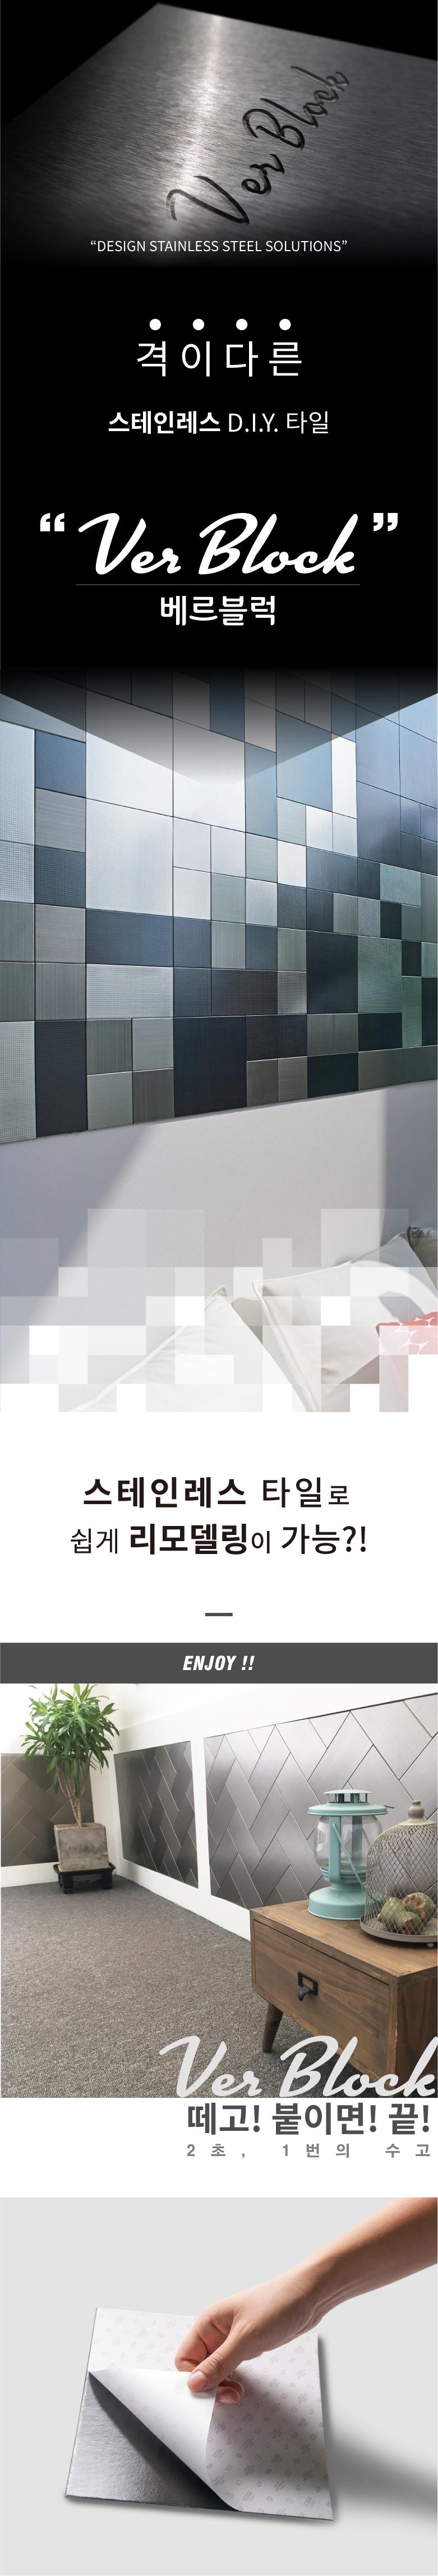 점착식 스텐레스타일 체크블랙 (가로)10cm×(세로)10cm - 데코사랑, 1,140원, 장식/부자재, 벽장식